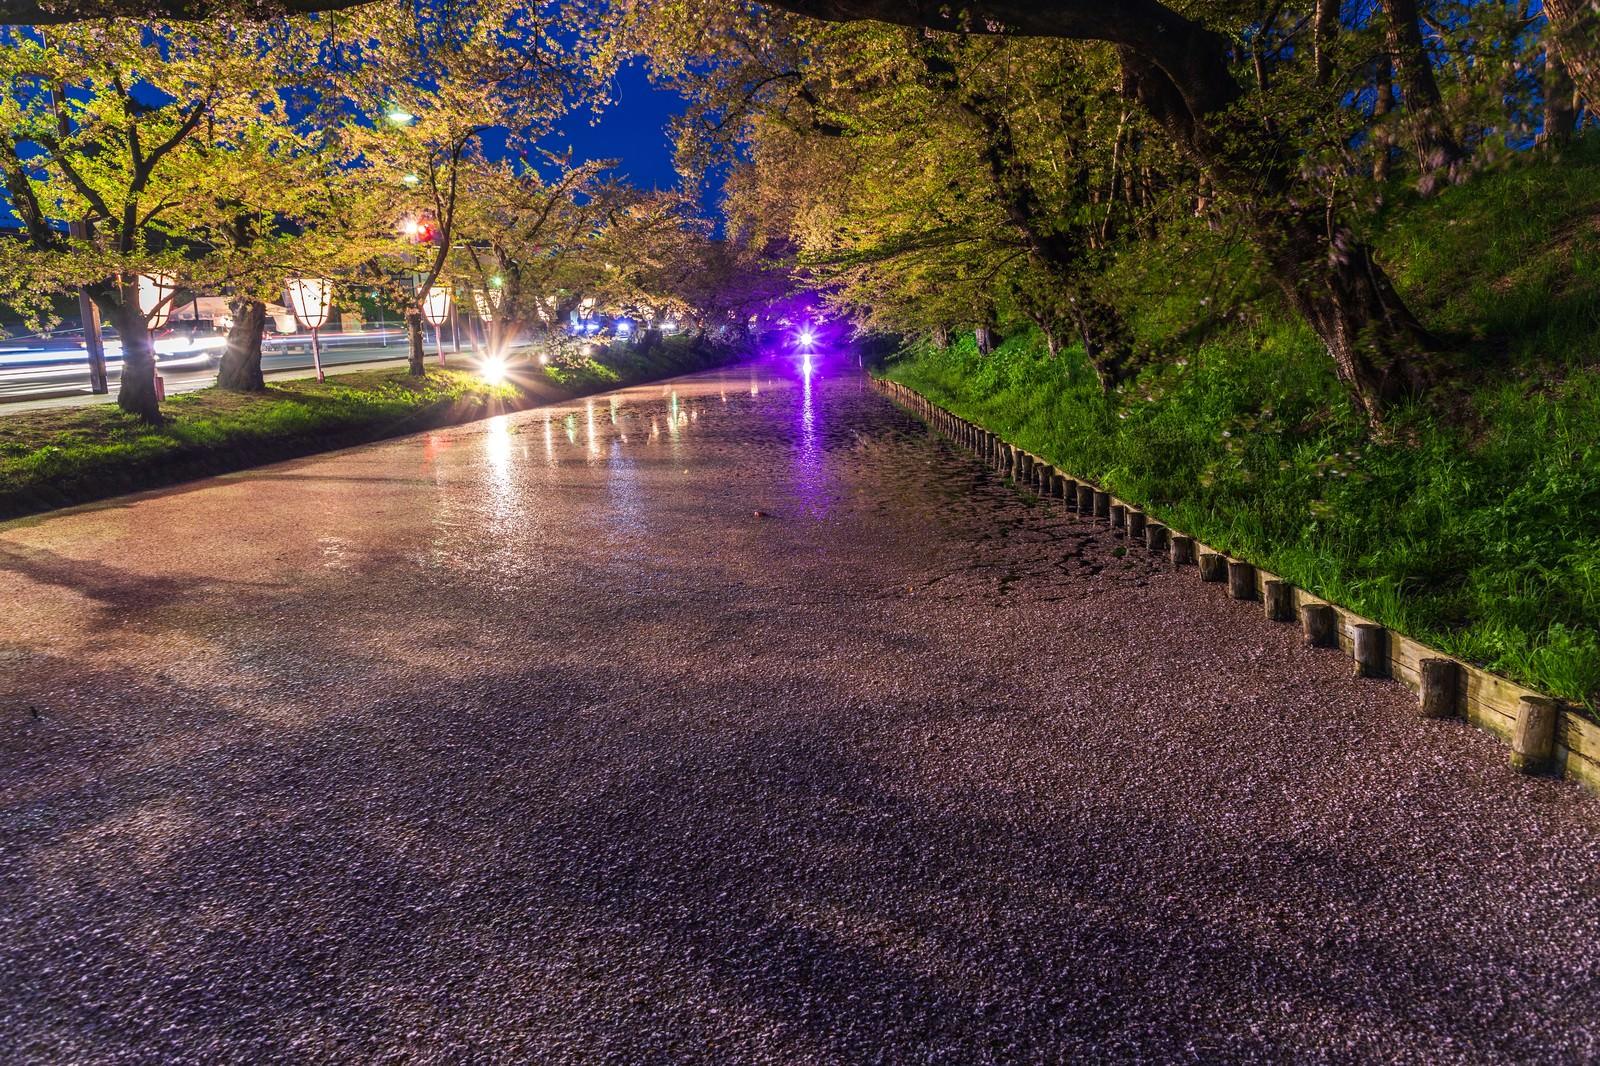 「夜桜(ライトアップ)の花筏 | 写真の無料素材・フリー素材 - ぱくたそ」の写真